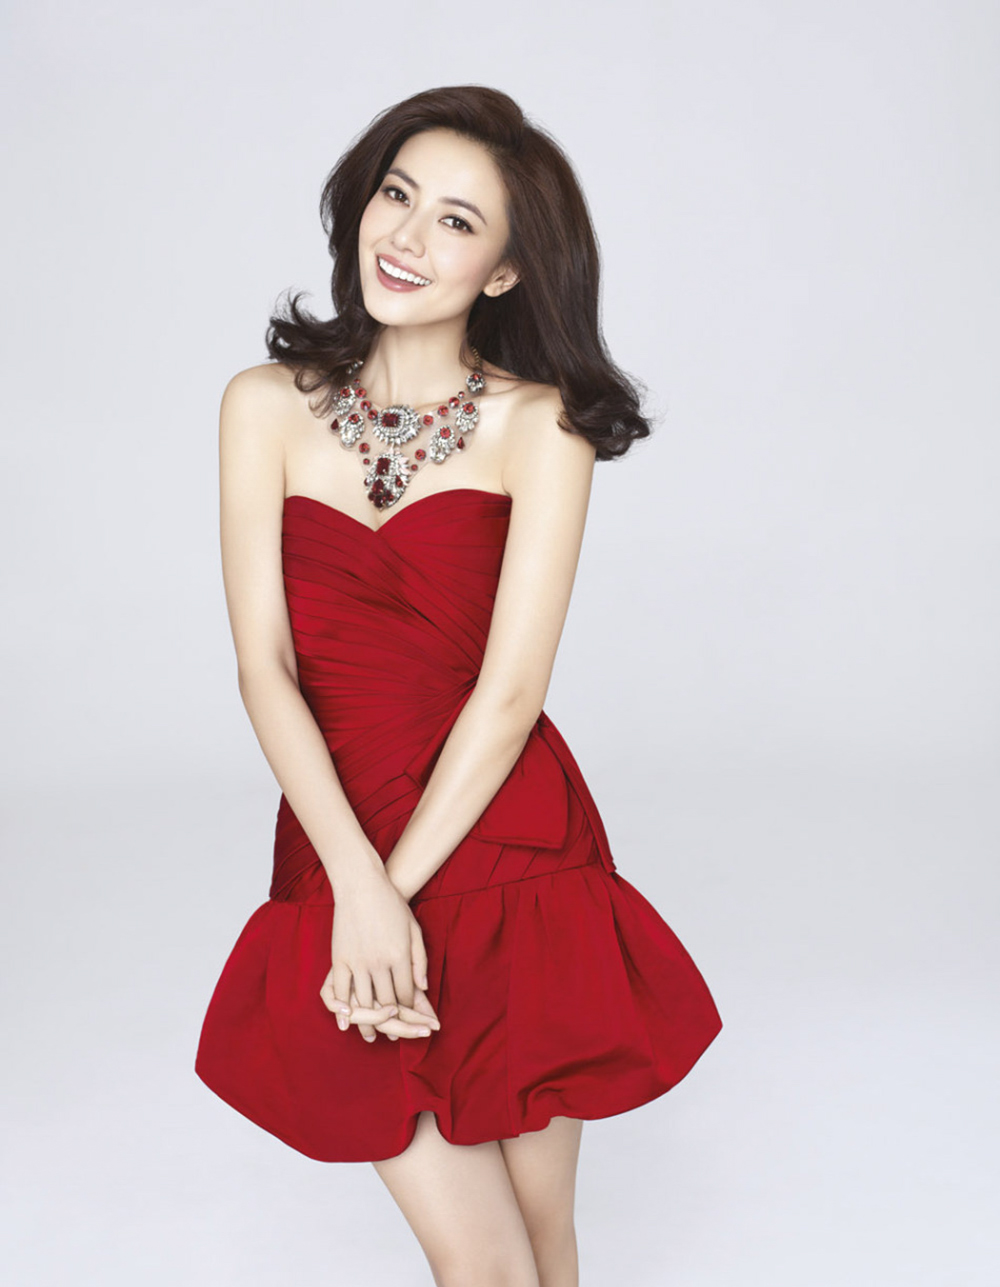 gaoyuanyuan37